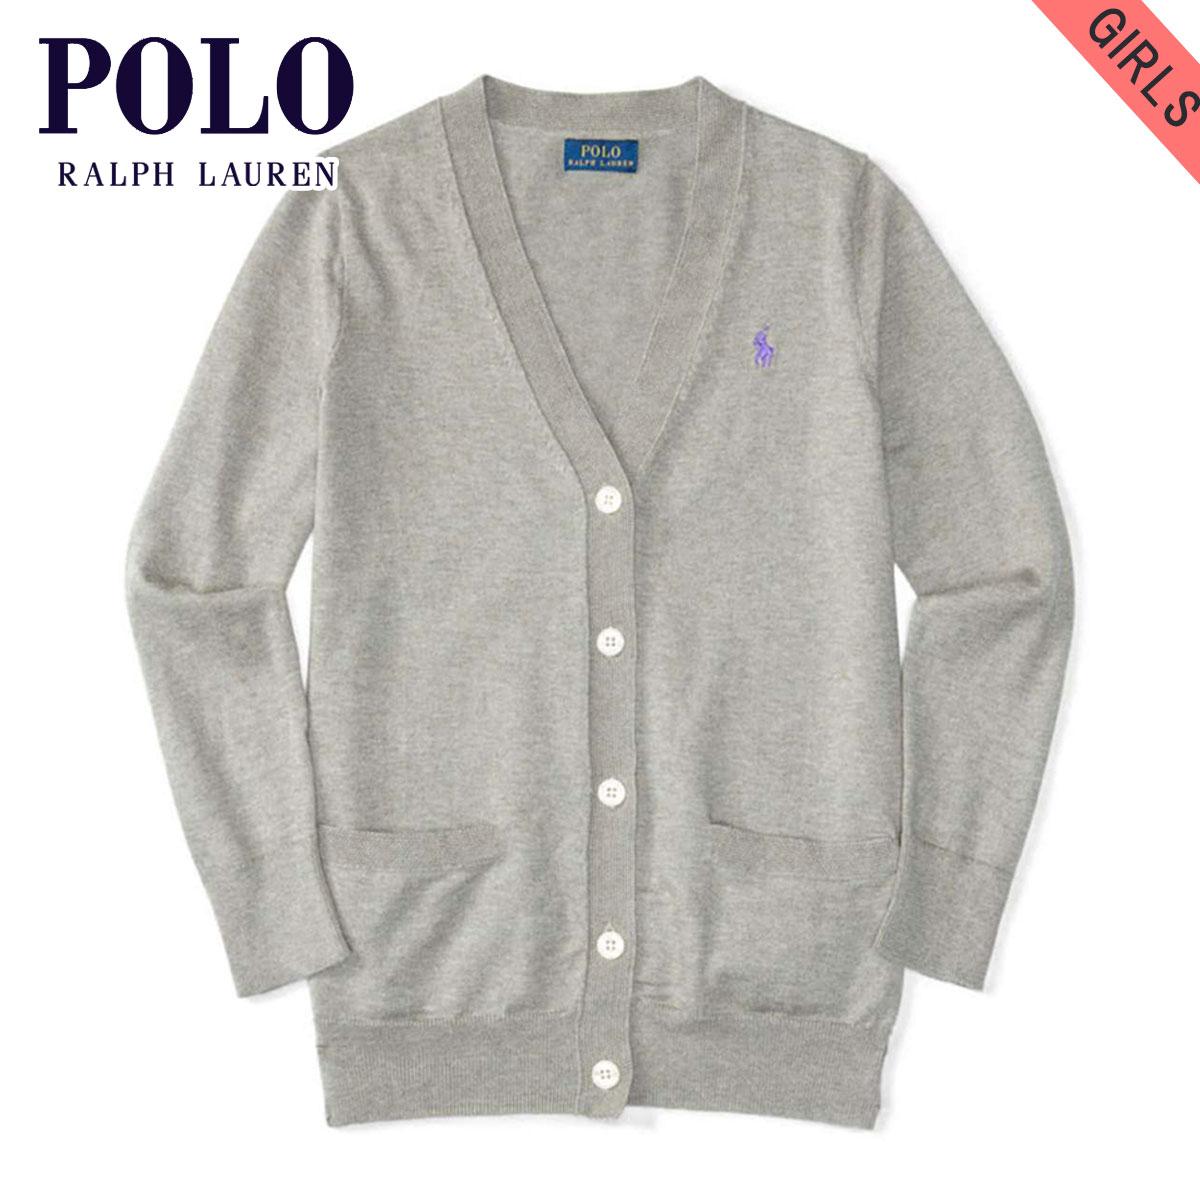 6a240e08b762f 20%OFF sale polo Ralph Lauren kids sweater girls children's clothes regular  article POLO RALPH LAUREN CHILDREN cardigan PIMA COTTON CARDIGAN 99493806  ...